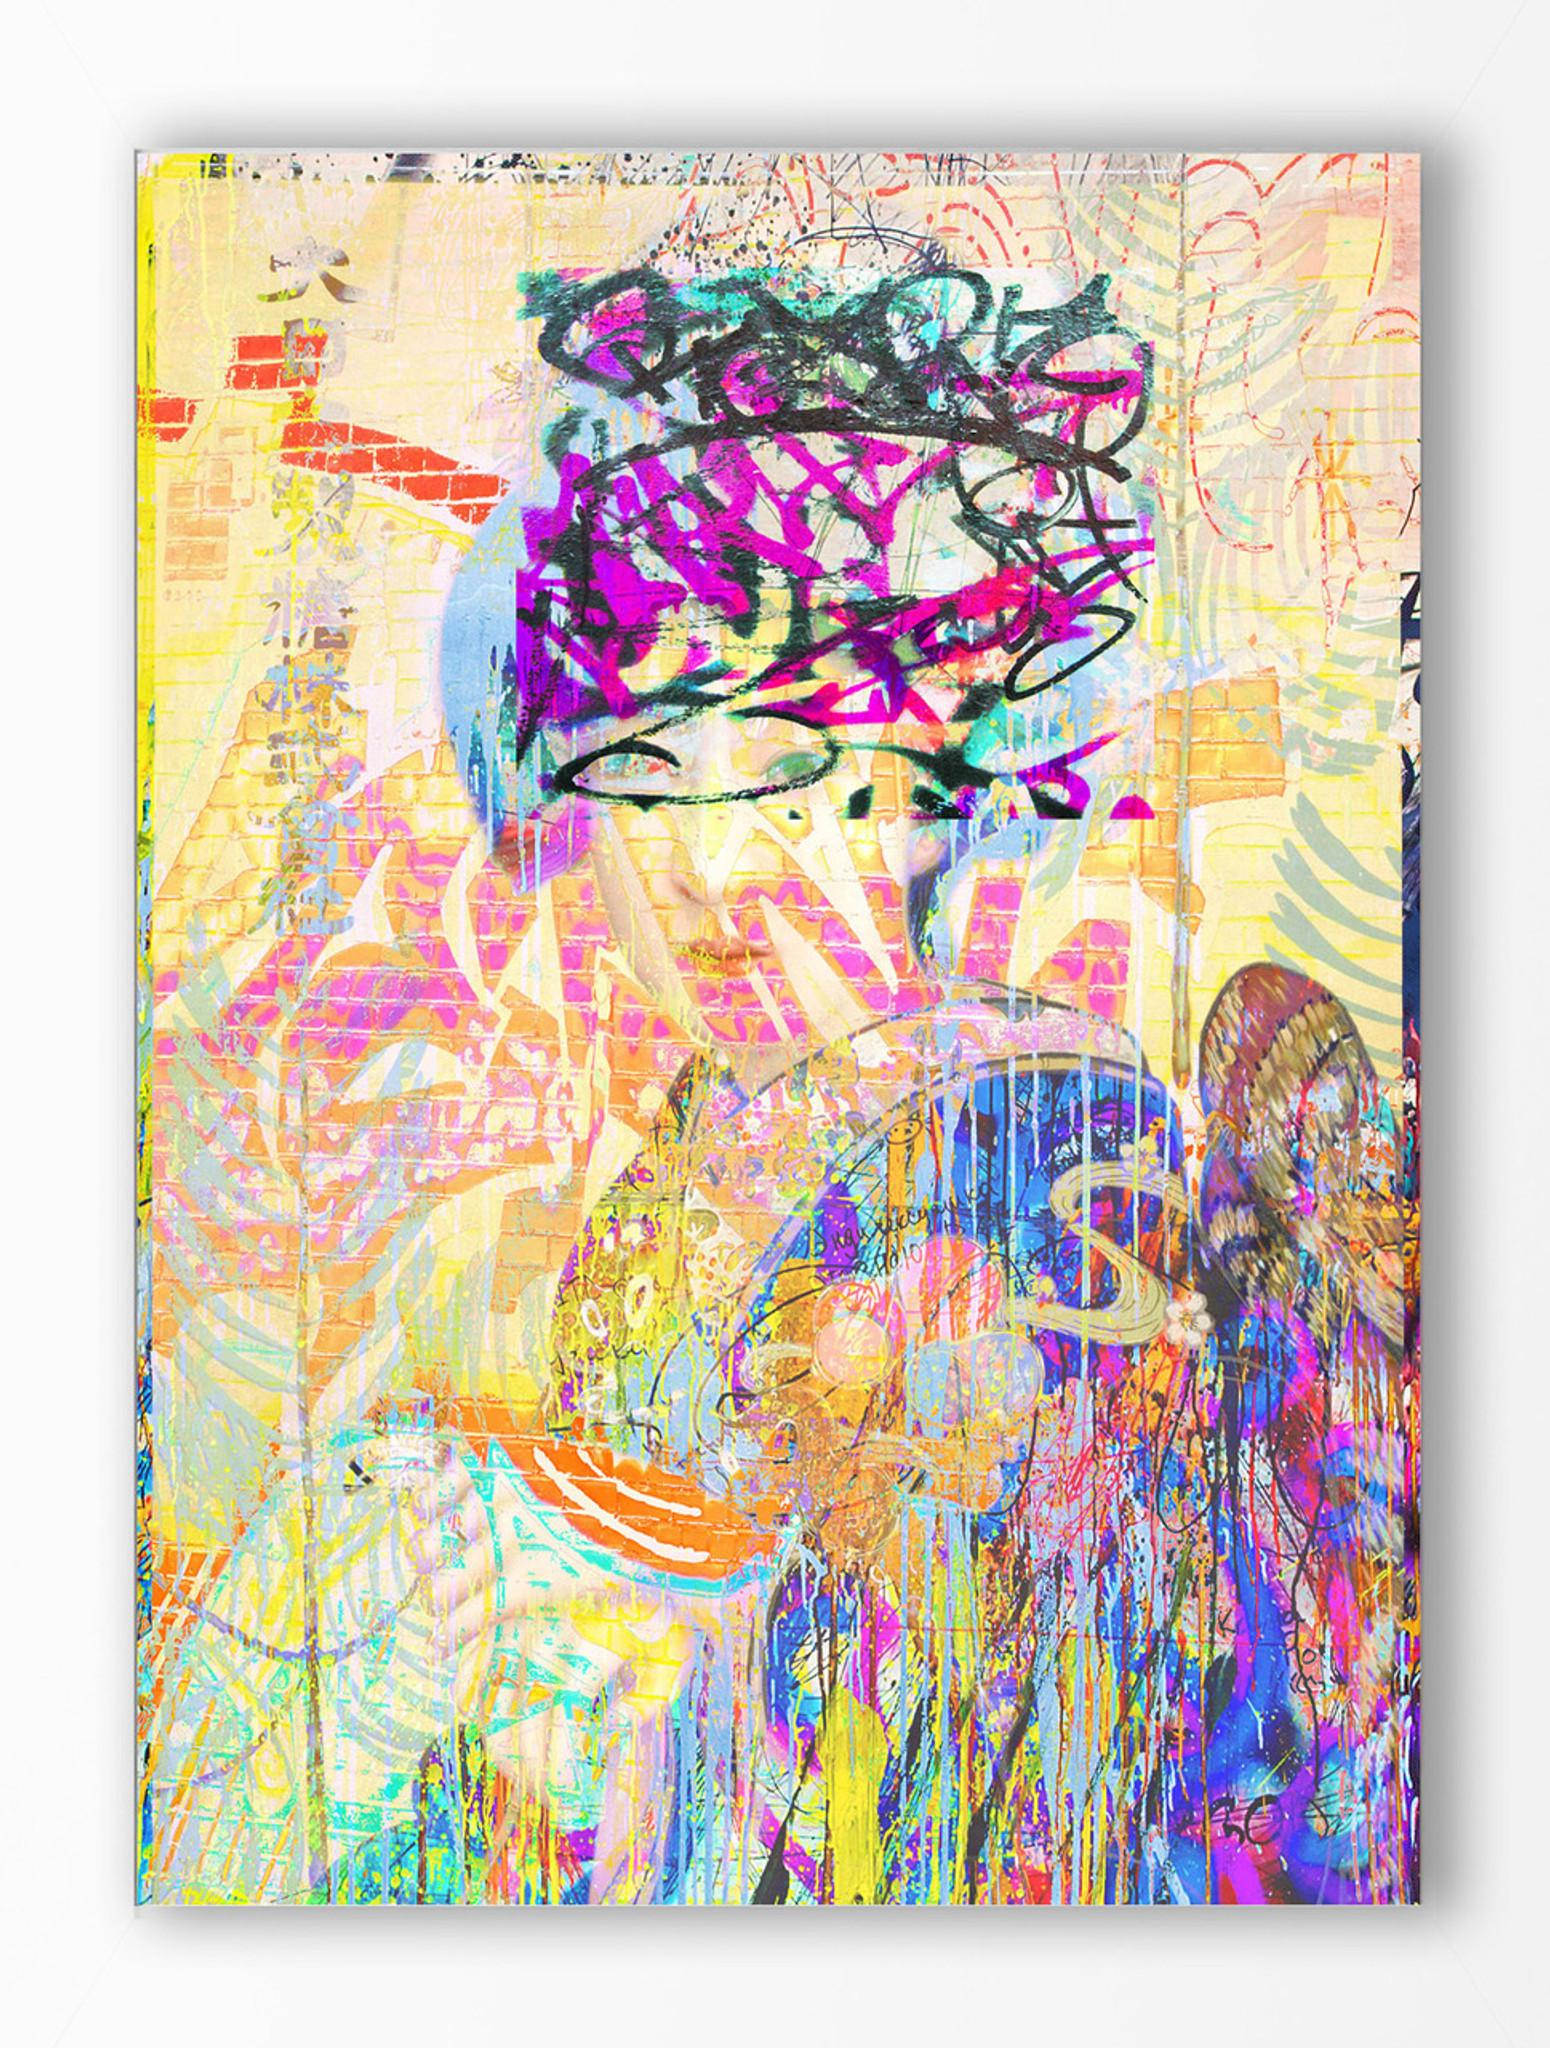 Art Print - Graffiti Yum Yum